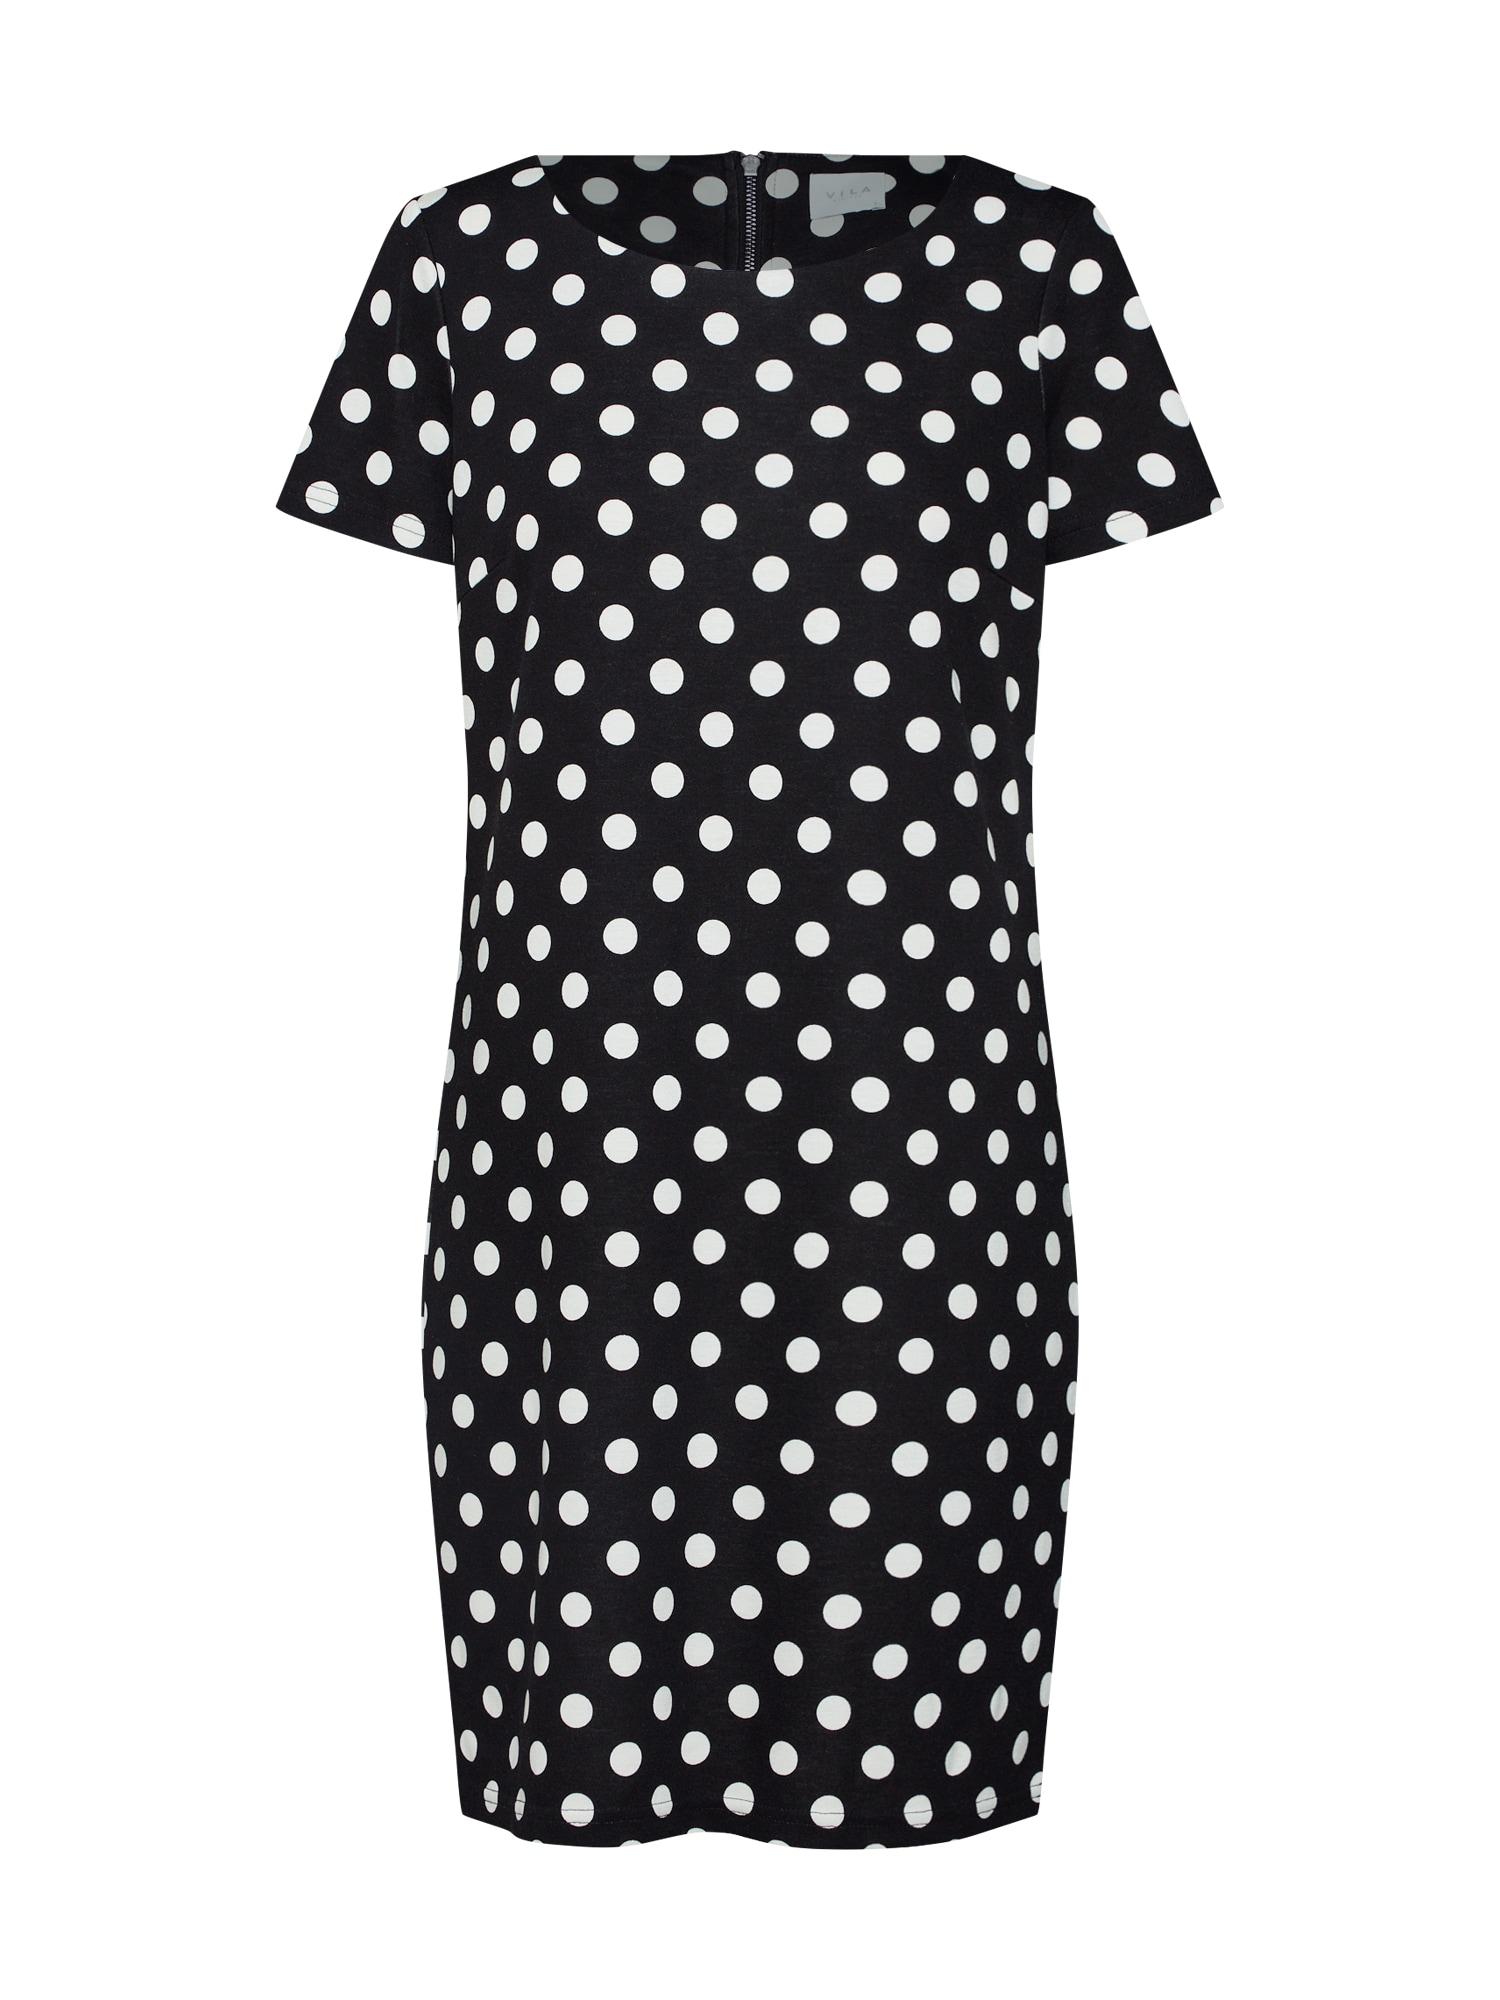 Letní šaty VITINNY černá bílá VILA